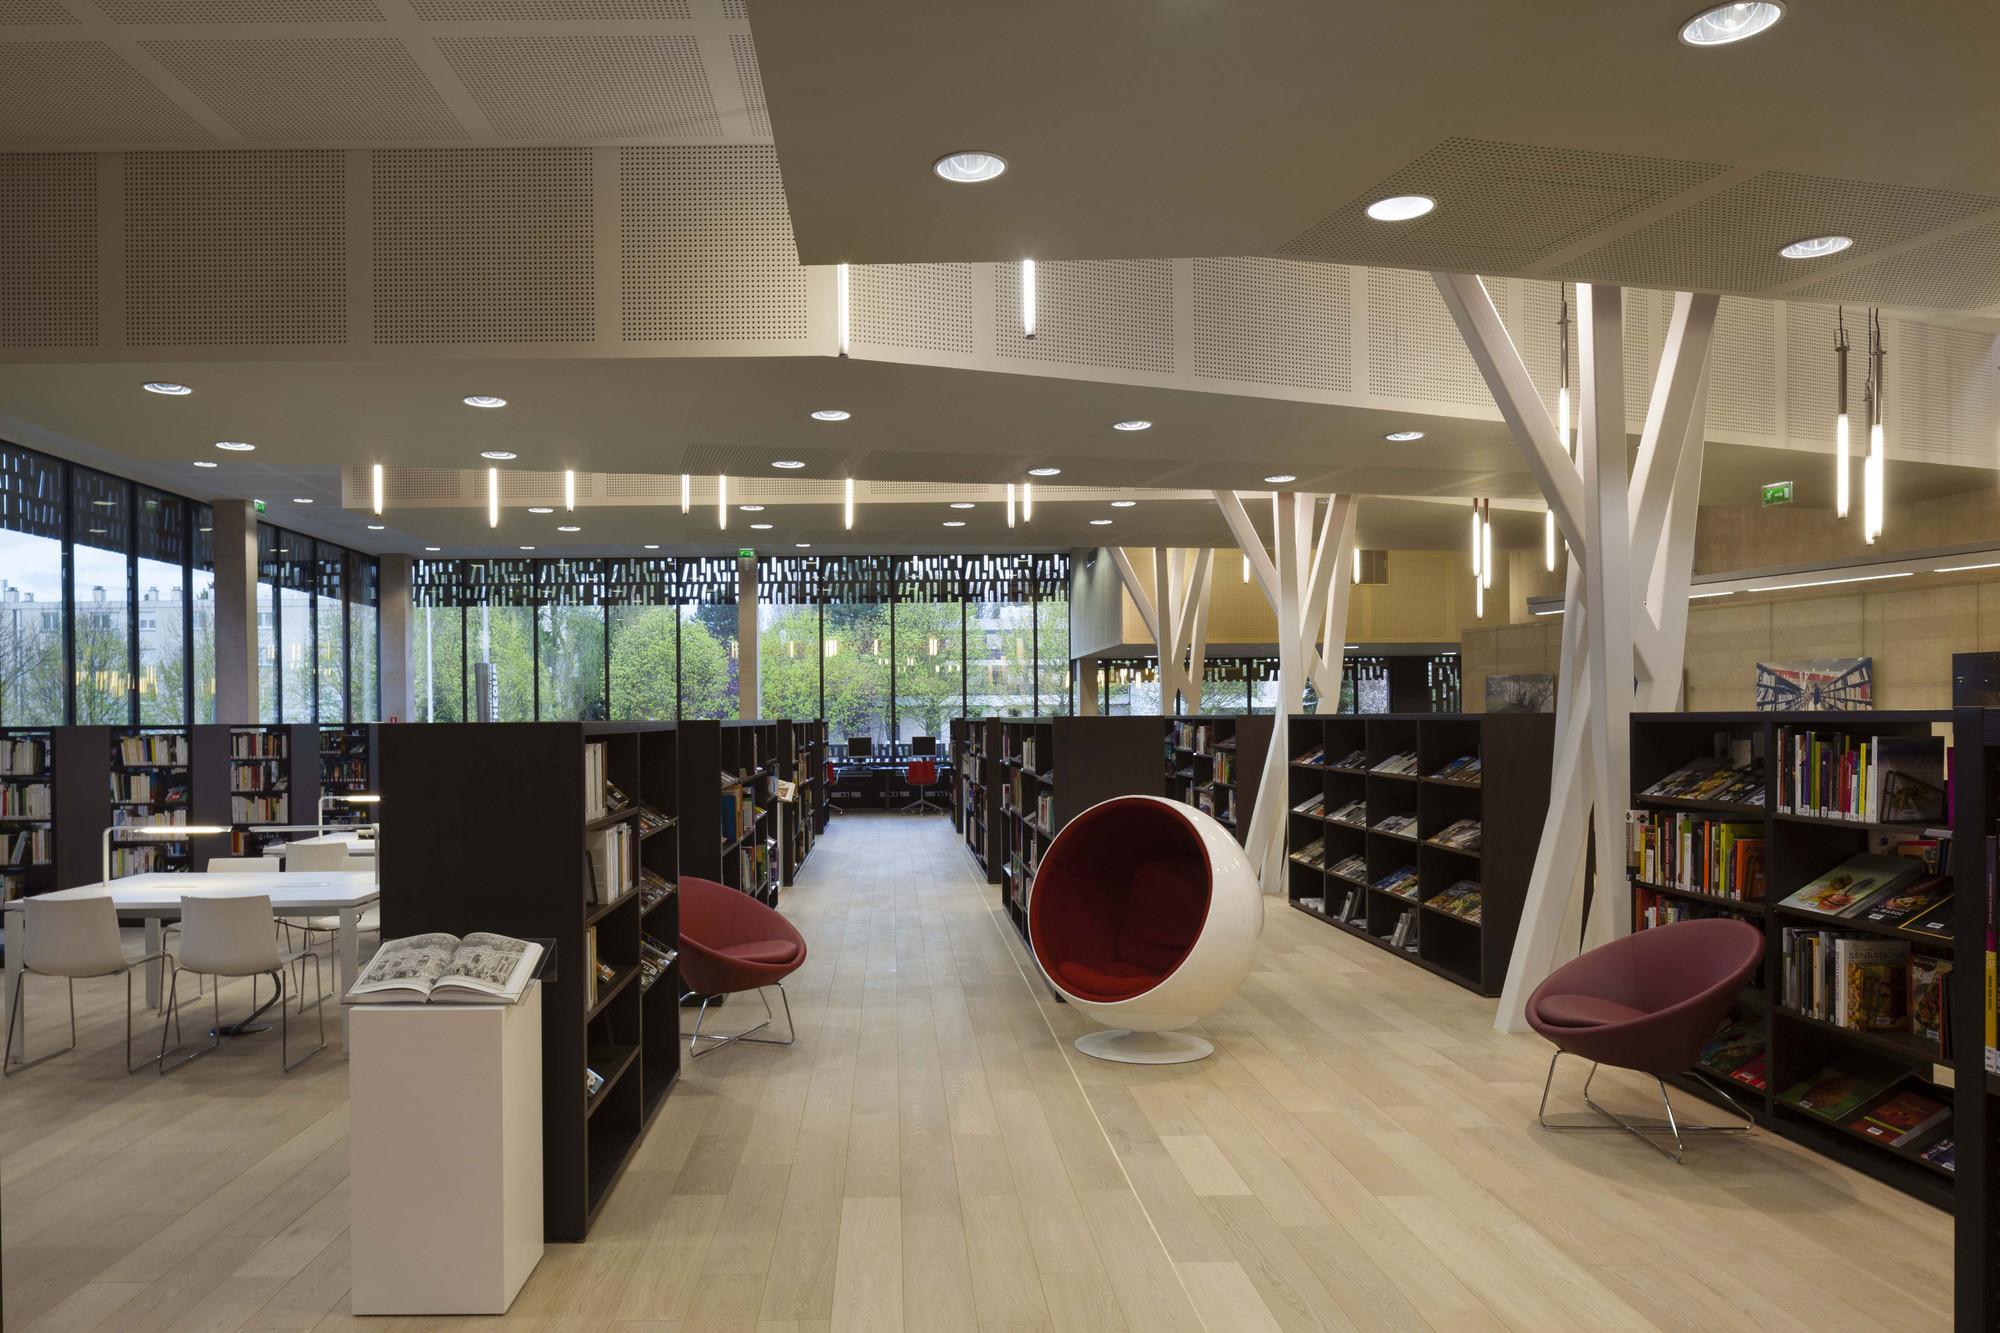 Gallery Of Albert Camus Multimedia Library De So 14